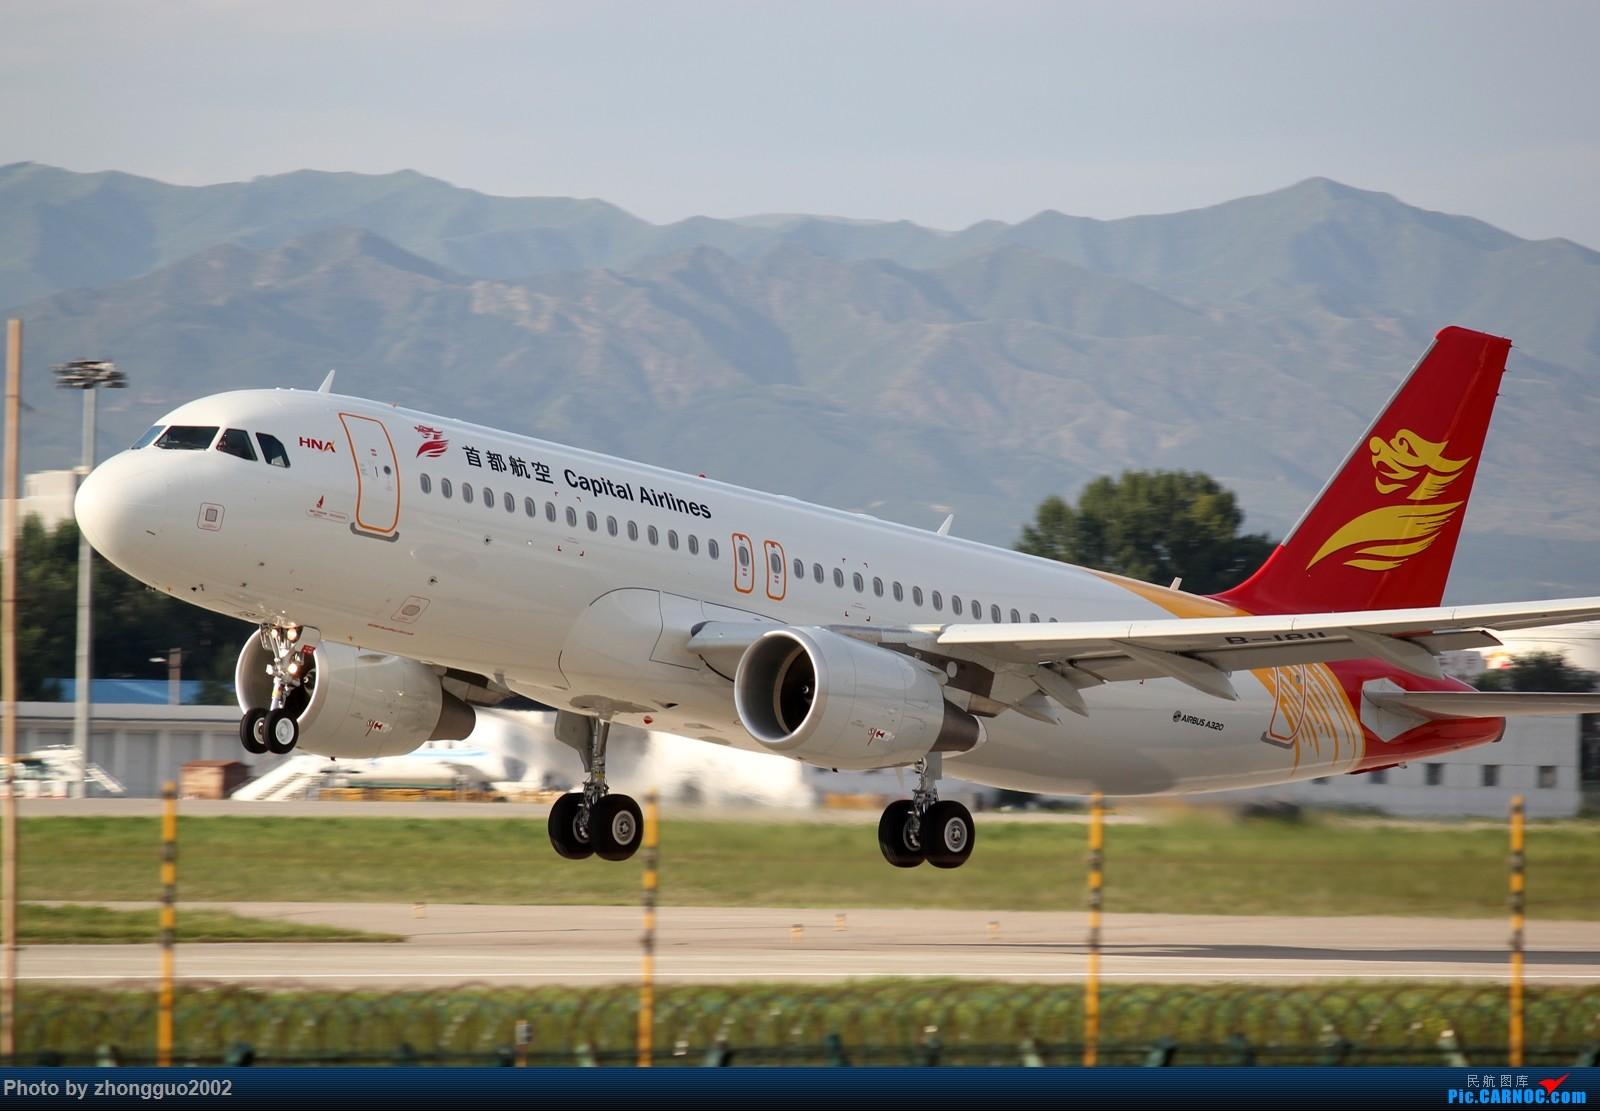 Re:[原创]【BLDDQ--深圳打机队】发小飞机盖楼贴,凡跟帖1字开头大陆民航飞机图的,每图五架小飞机不重复 AIRBUS A320-200 B-1811 中国呼和浩特白塔国际机场